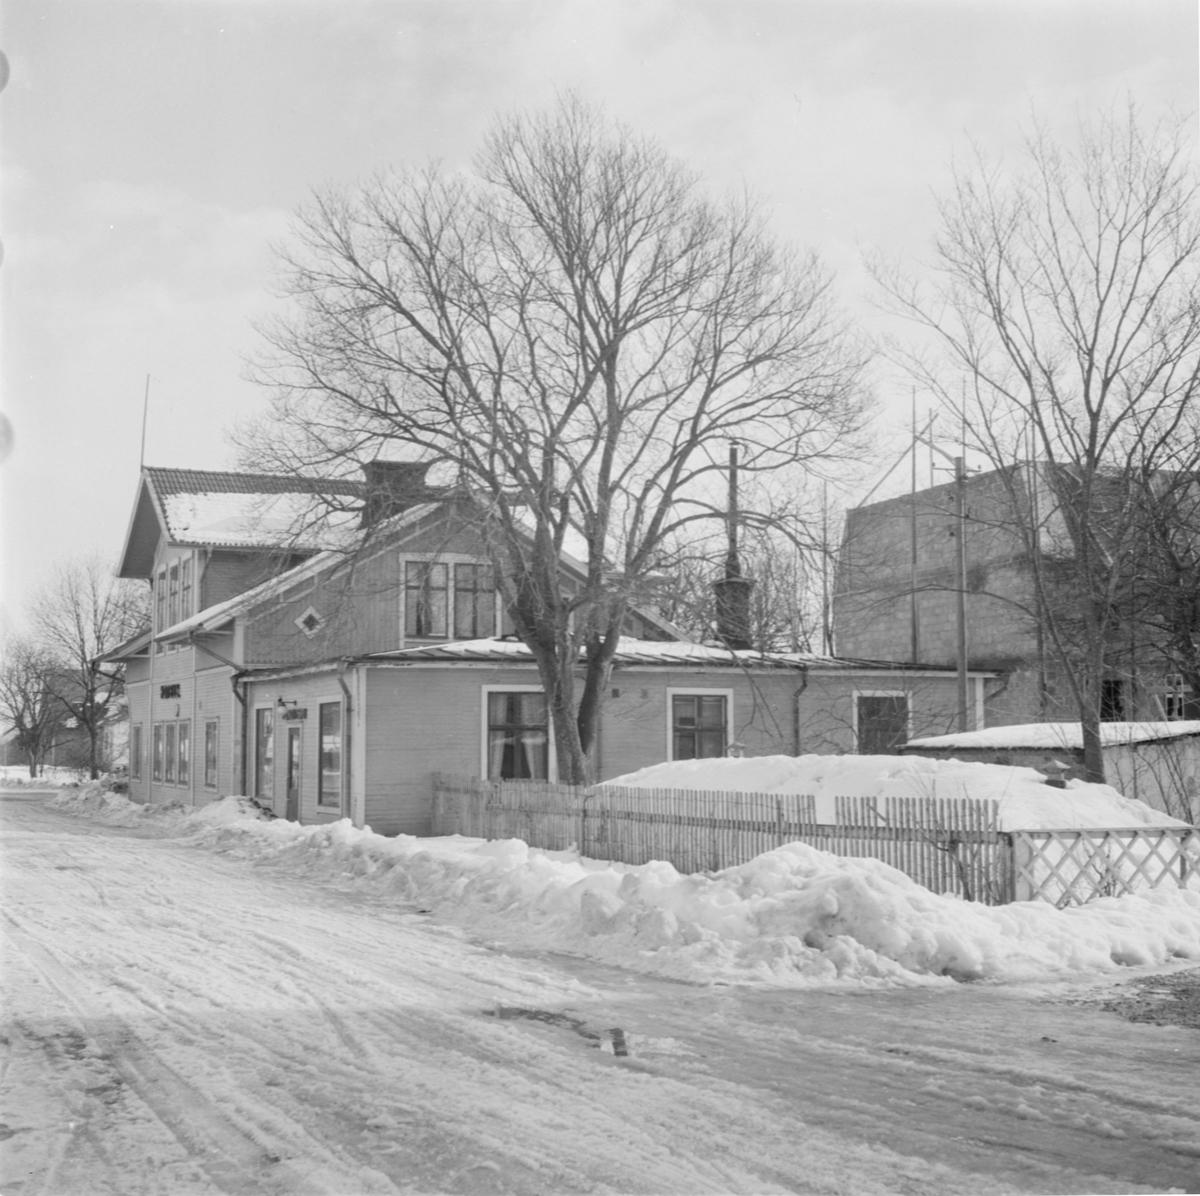 Grillby hotell, Grillby, Villberga socken, Uppland mars 1954